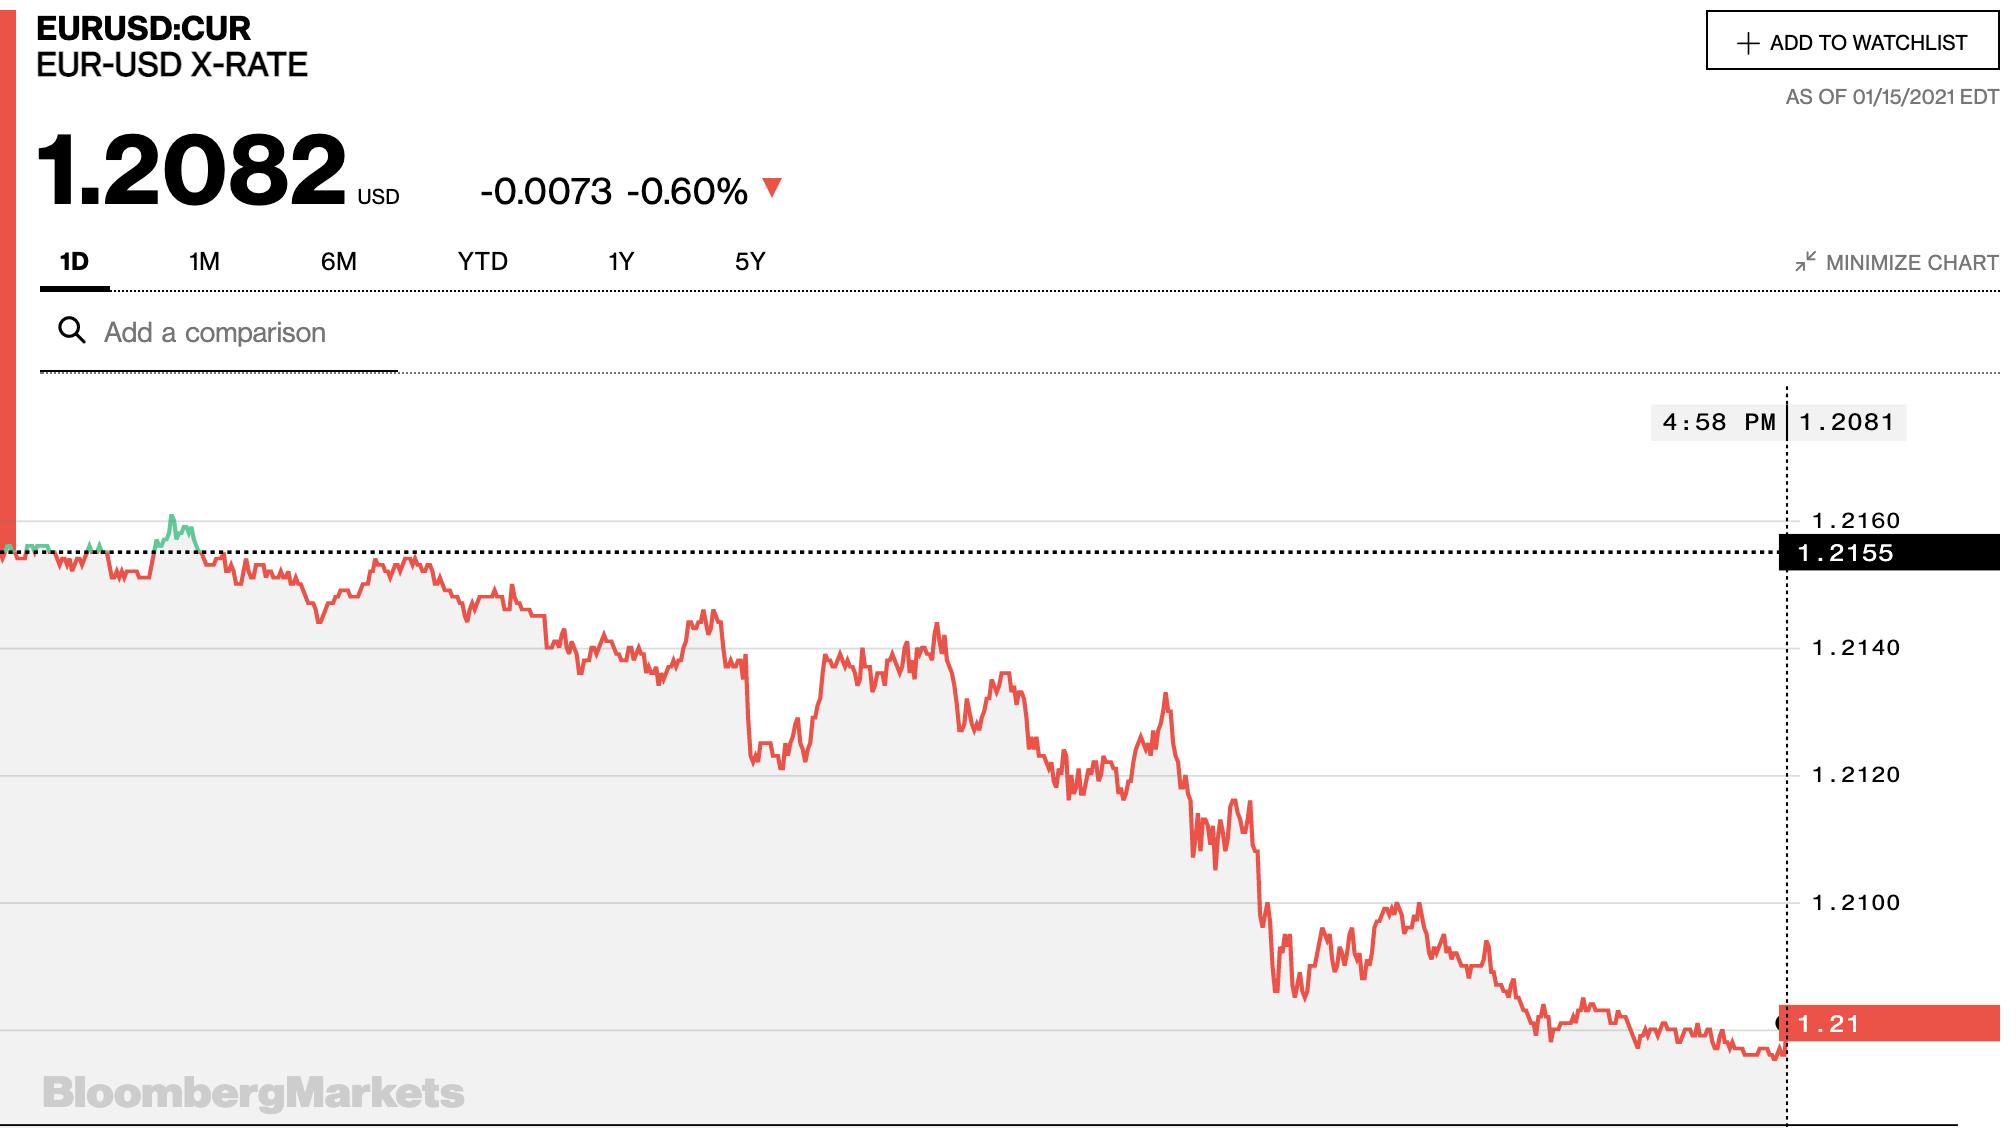 Tỷ giá euro hôm nay 16/1: Đa số ngân hàng và thị trường chợ đen không đổi ngày cuối tuần - Ảnh 2.